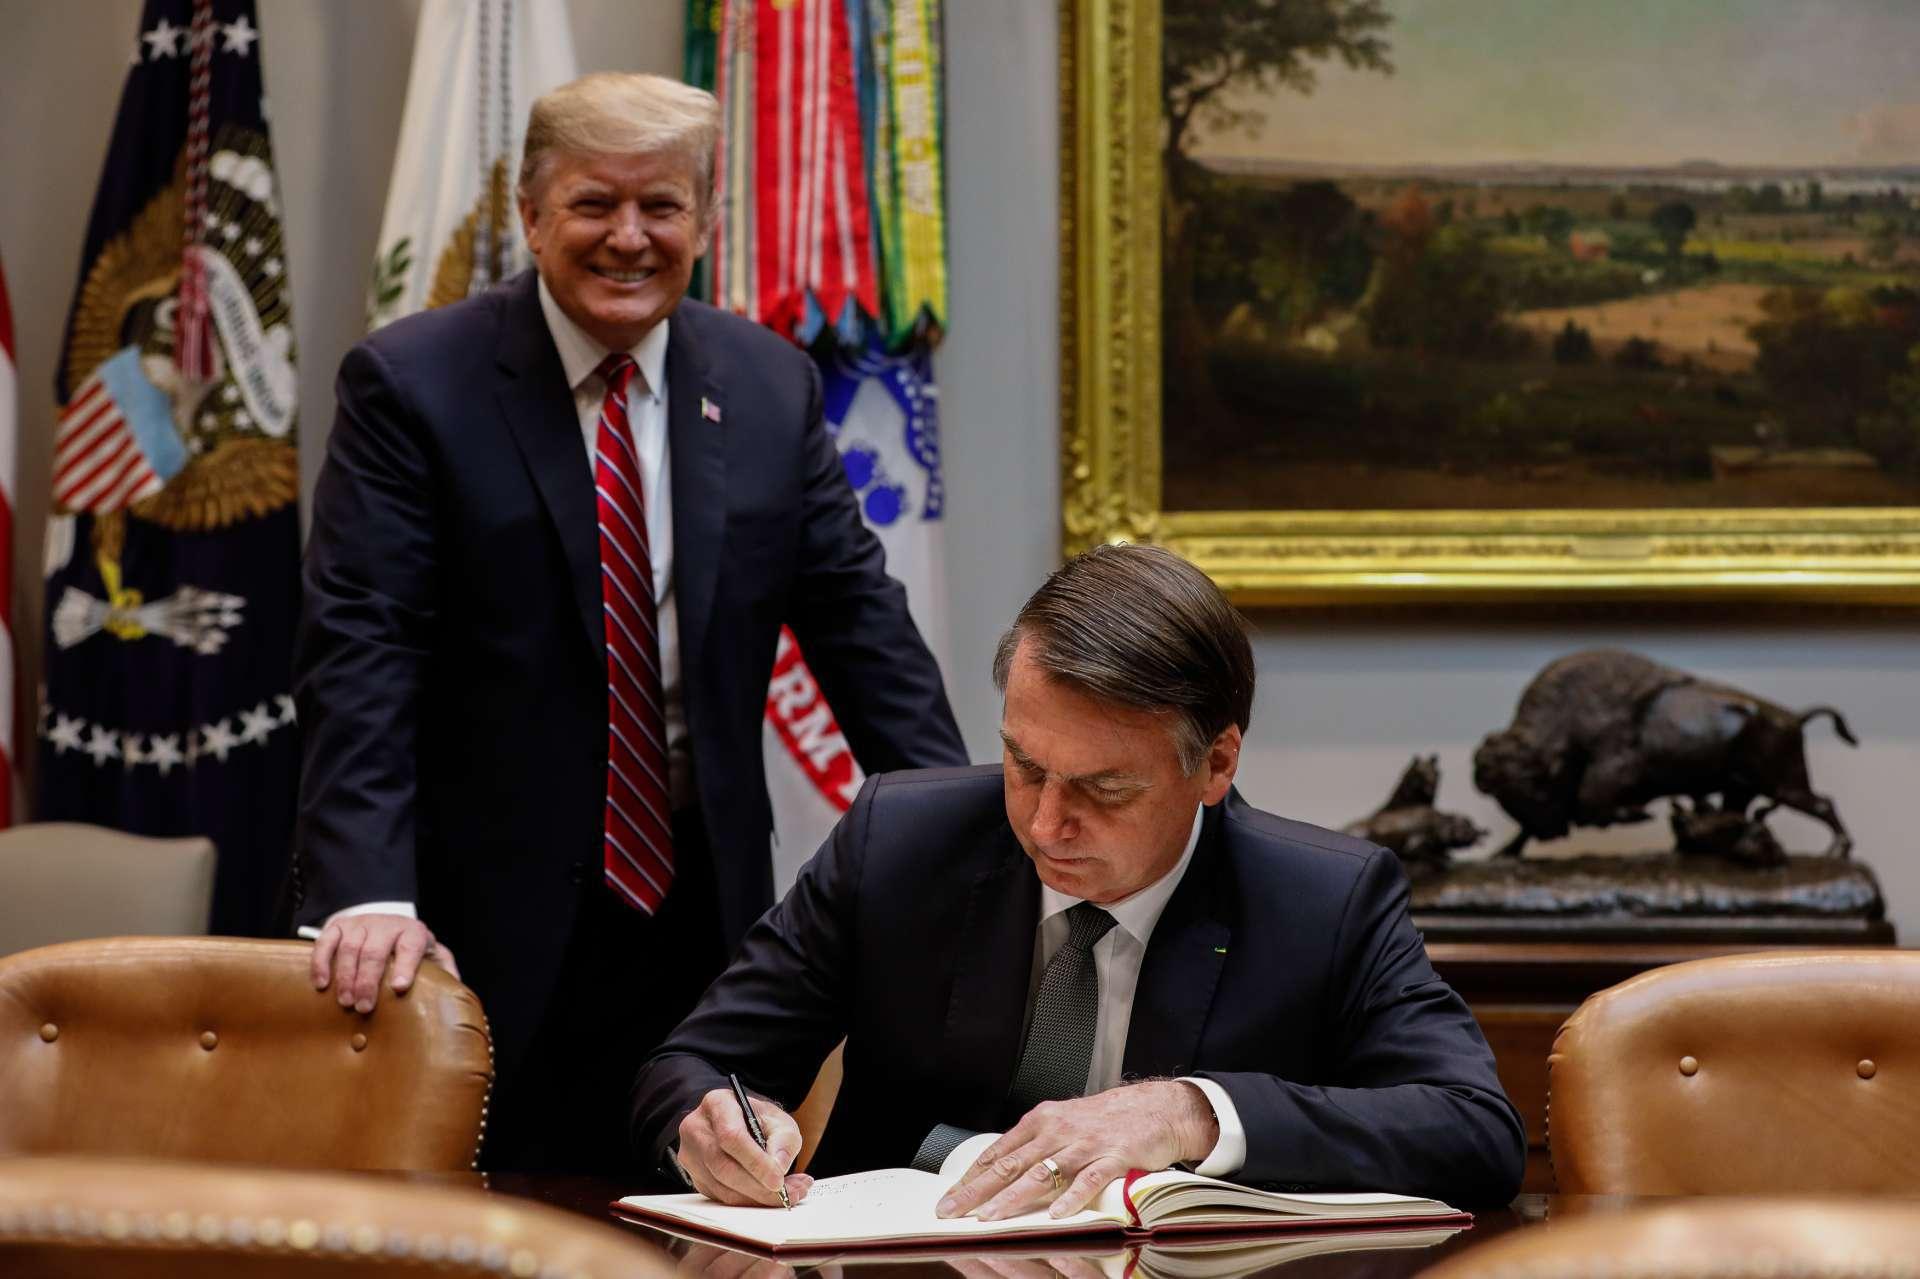 Recebido por Donald Trump, Jair Bolsonaro assina o livro de visitas da Casa Branca em março de 2019, na primeira visita oficial dele como presidente aos Estados Unidos